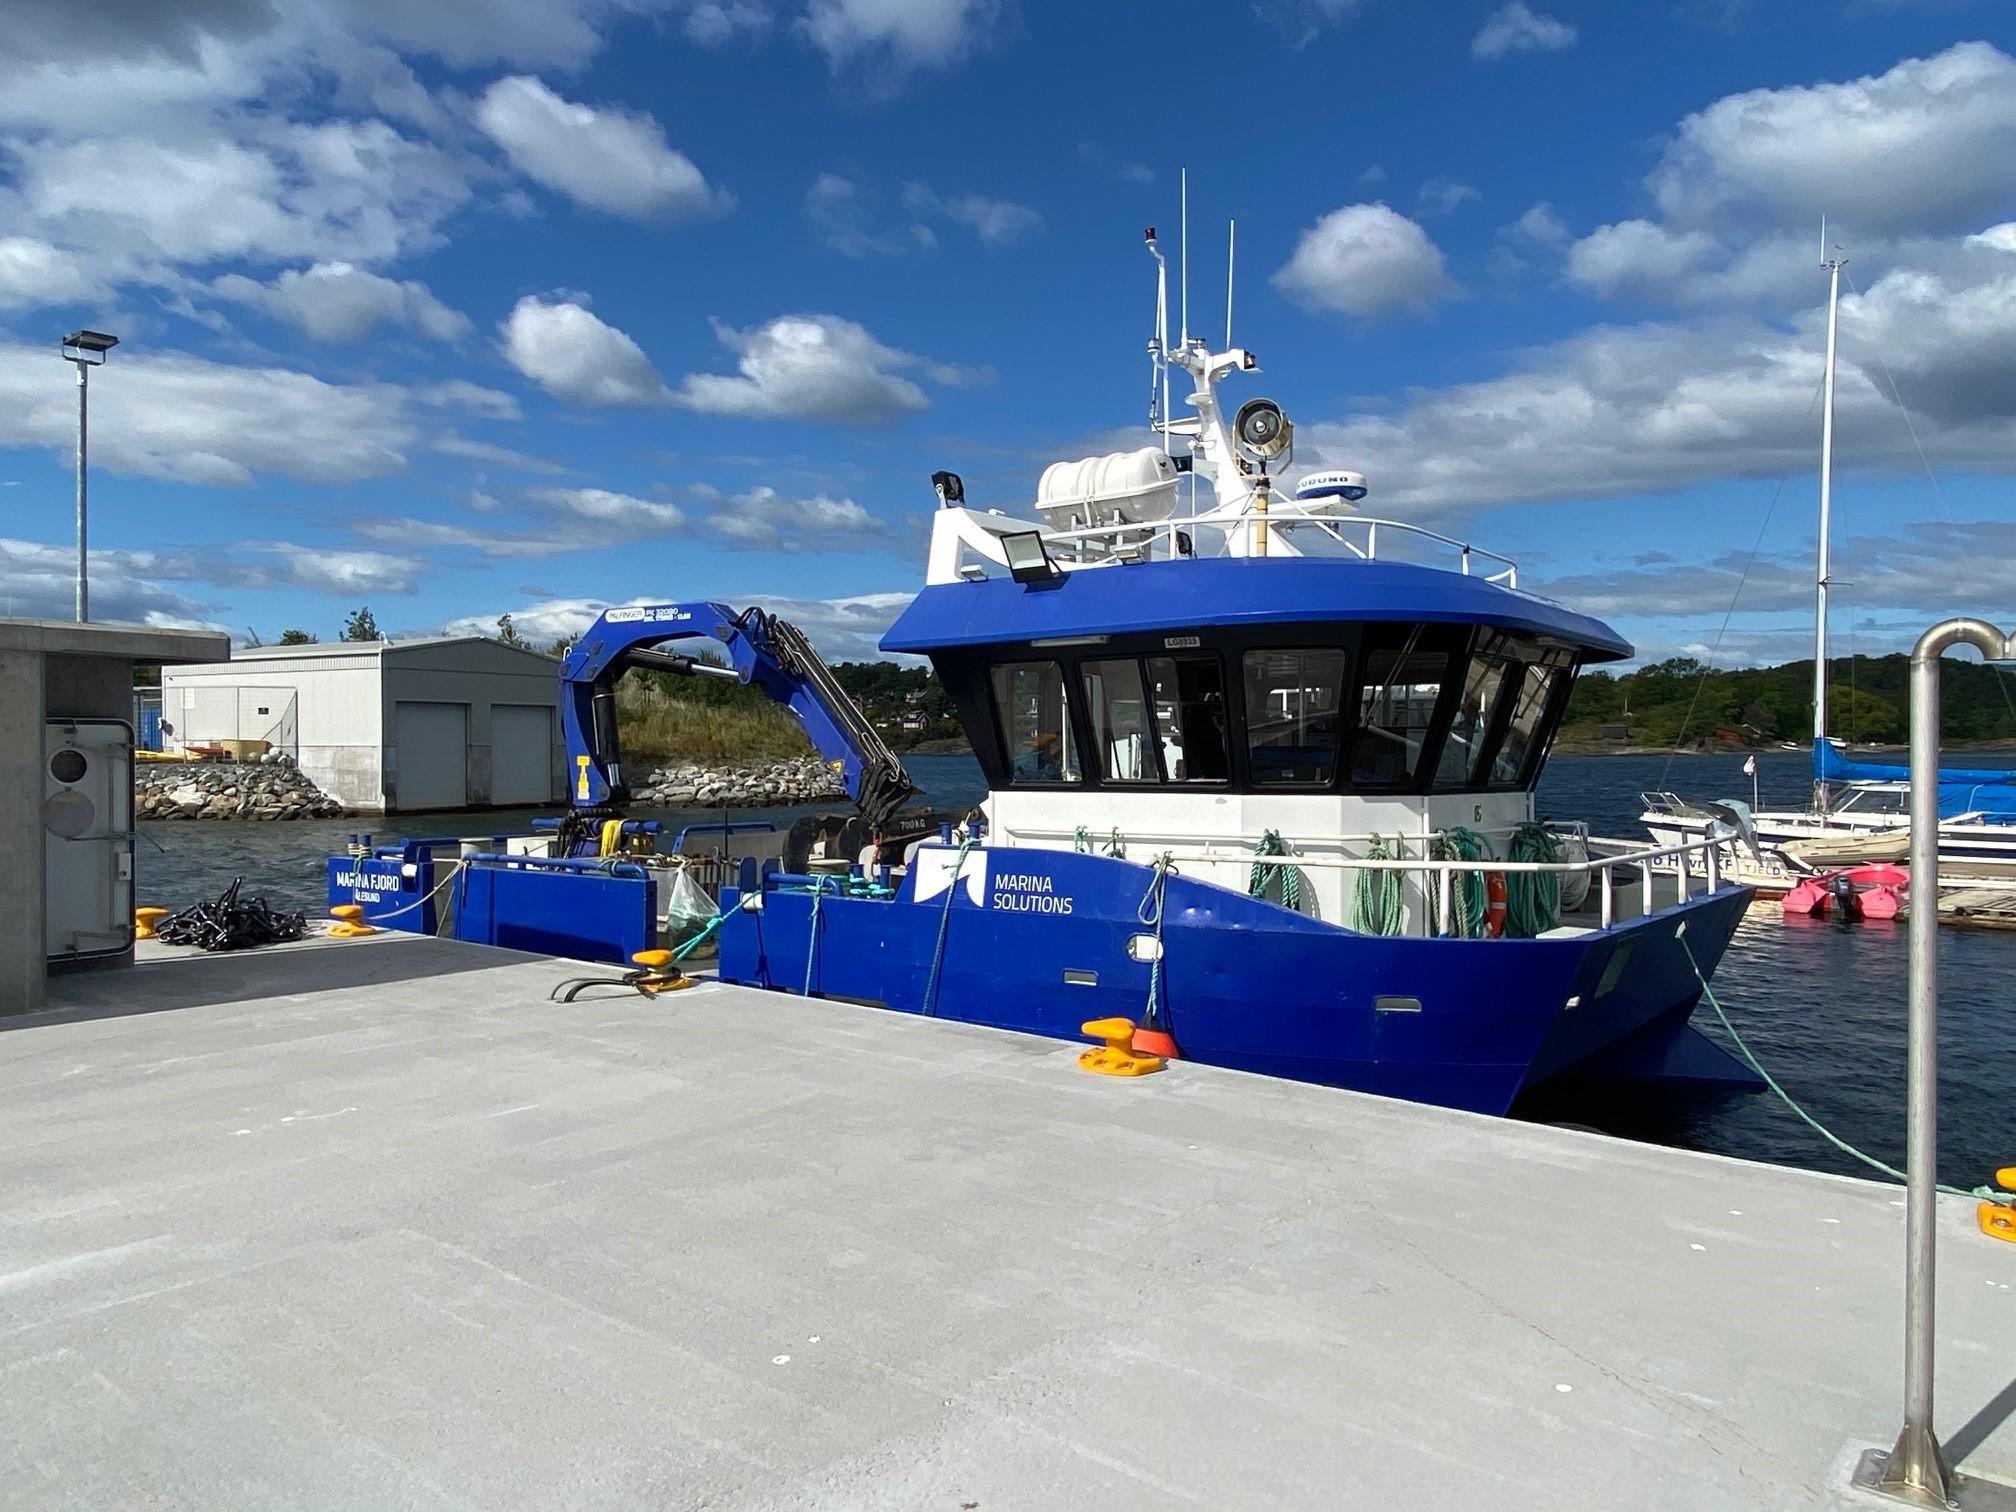 https://marinasolutions.no/uploads/Oslo-fortøyningsflåte-Oslo-havn_-Marina-Solutions_betongflåte_Marina-Ocean.jpg